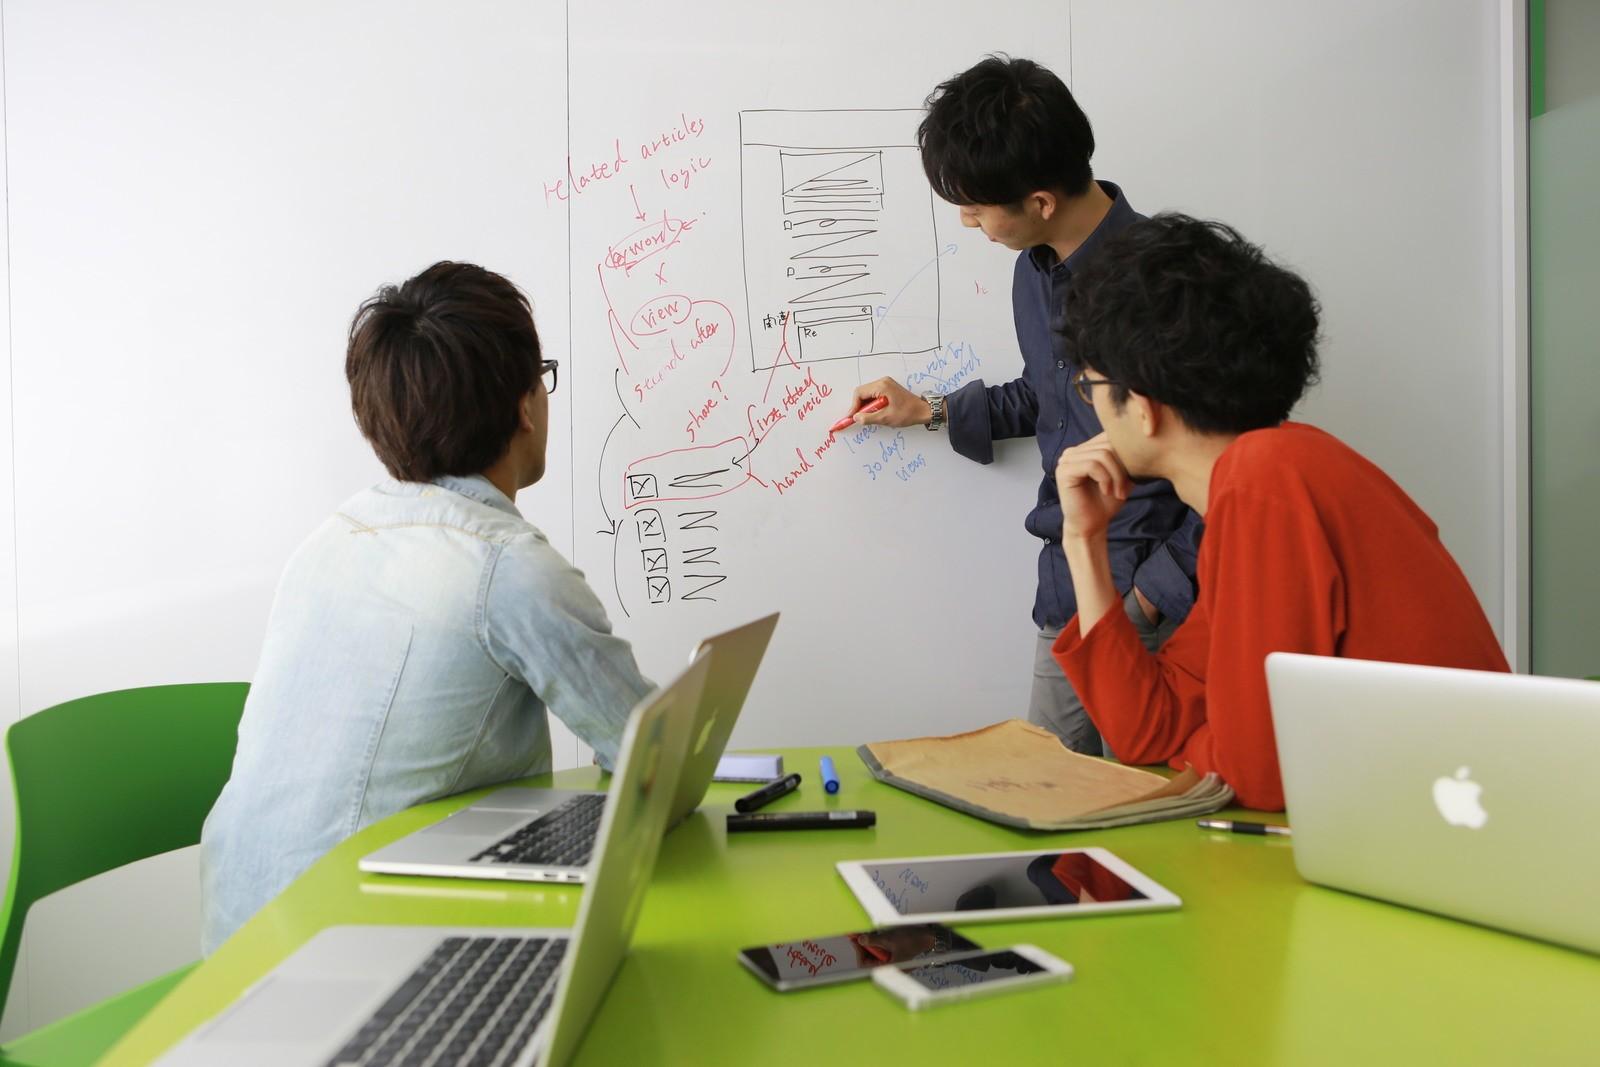 【リードエンジニア】WELTECHベンチャーLITALICOにて、BtoBのSaaS開発におけるリードエンジニアを募集